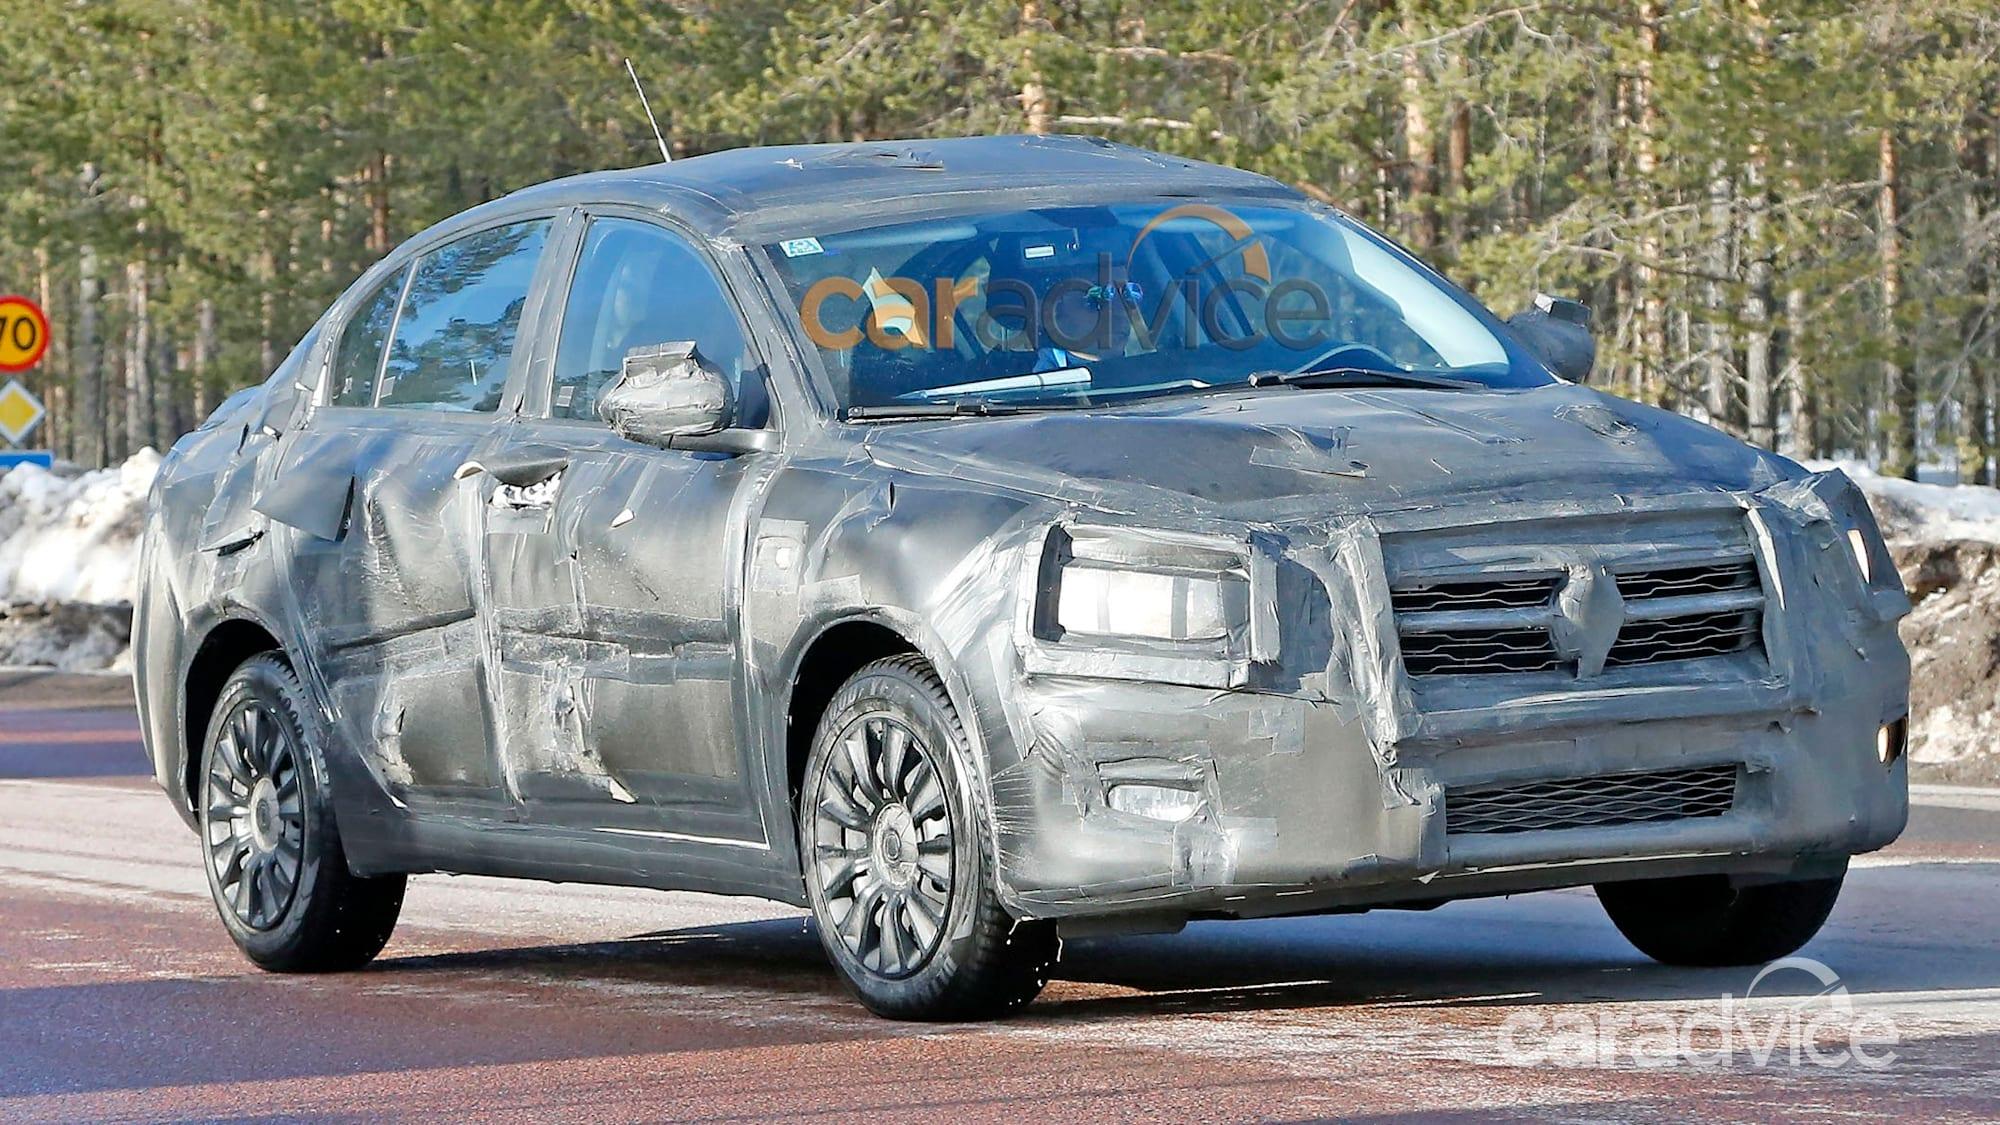 New Fiat Sedan Spied Likely Heading To Developed World Markets Caradvice